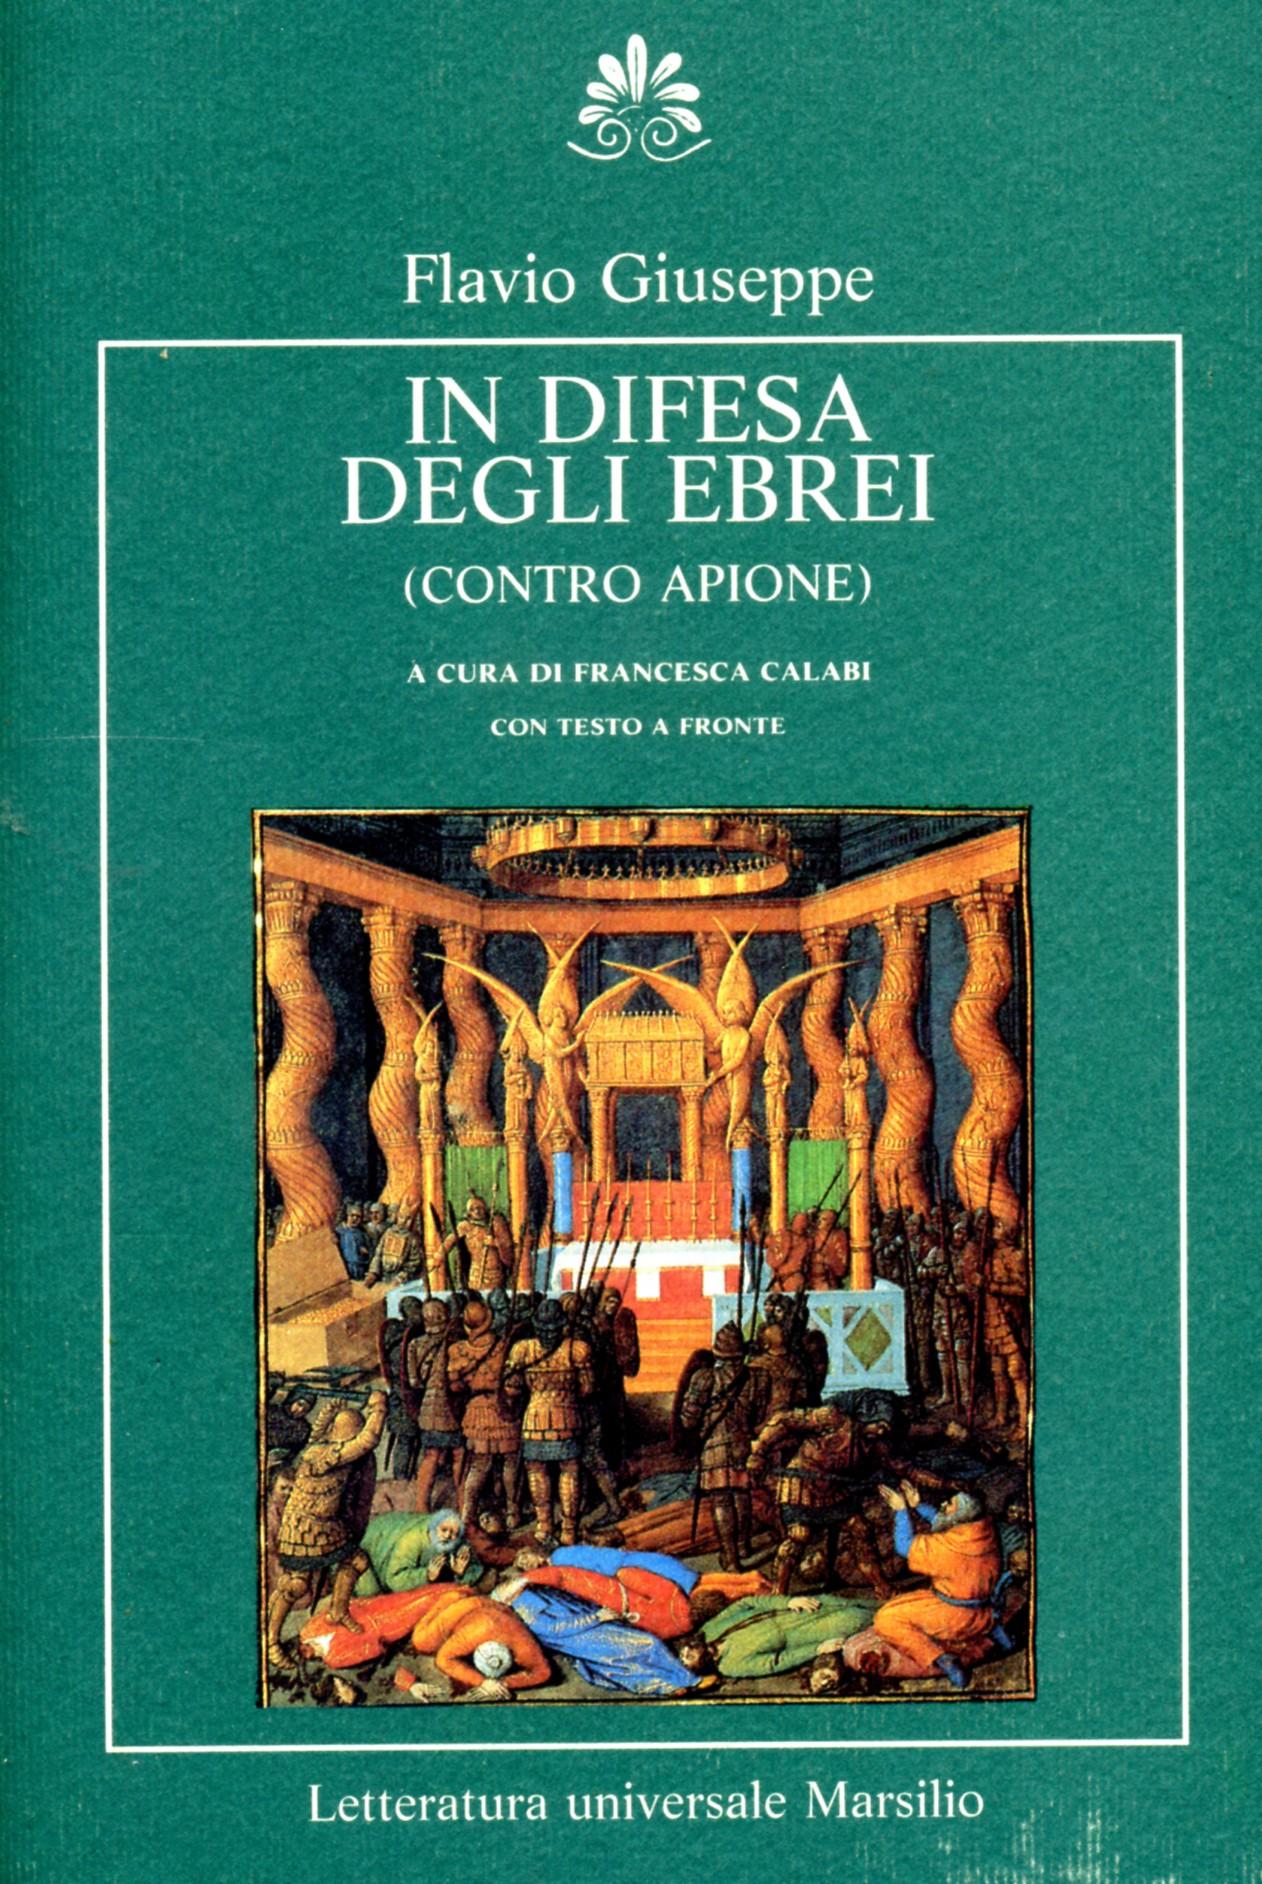 In difesa degli ebrei (Contro Apione)